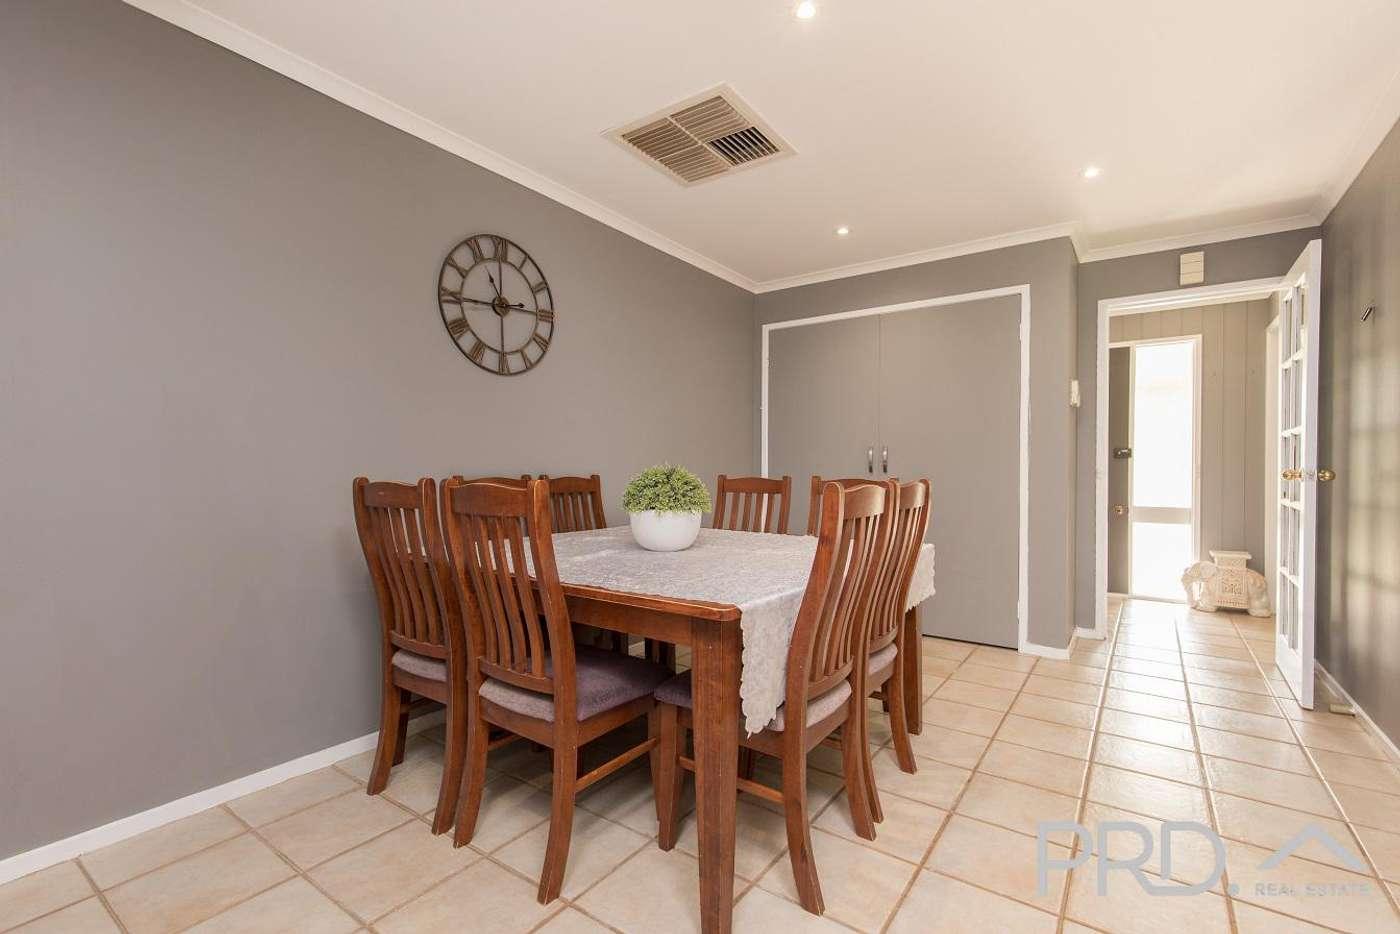 Sixth view of Homely house listing, 13 Kiata Drive, Mildura VIC 3500